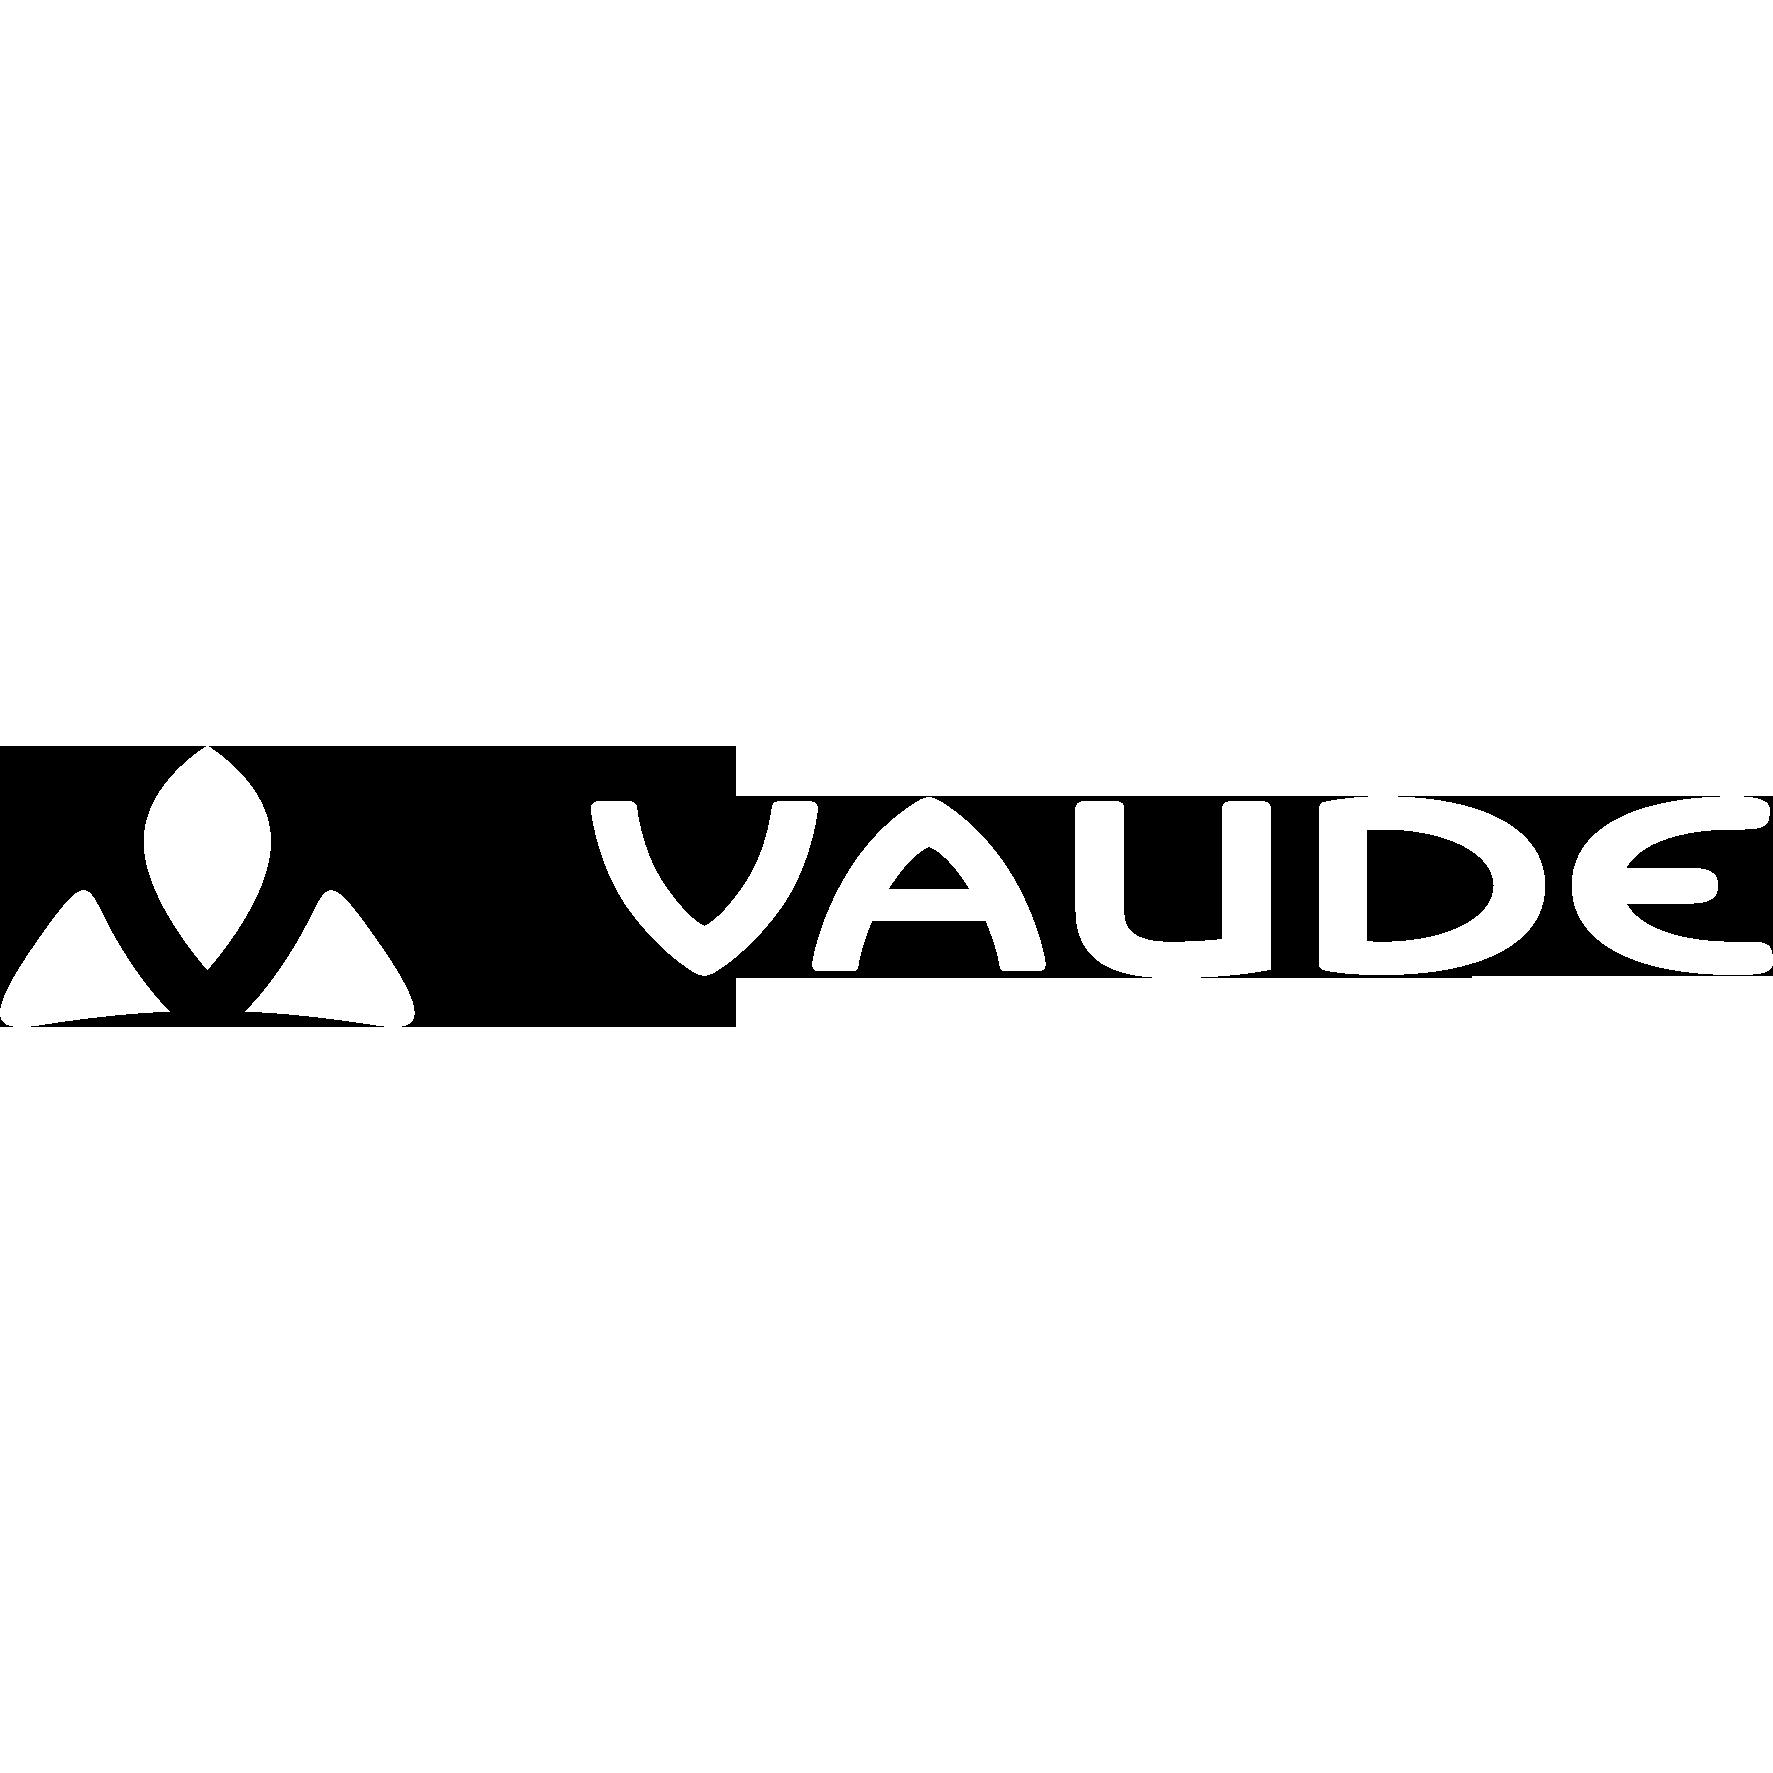 VAUDE_Logo_Black_150mm.png